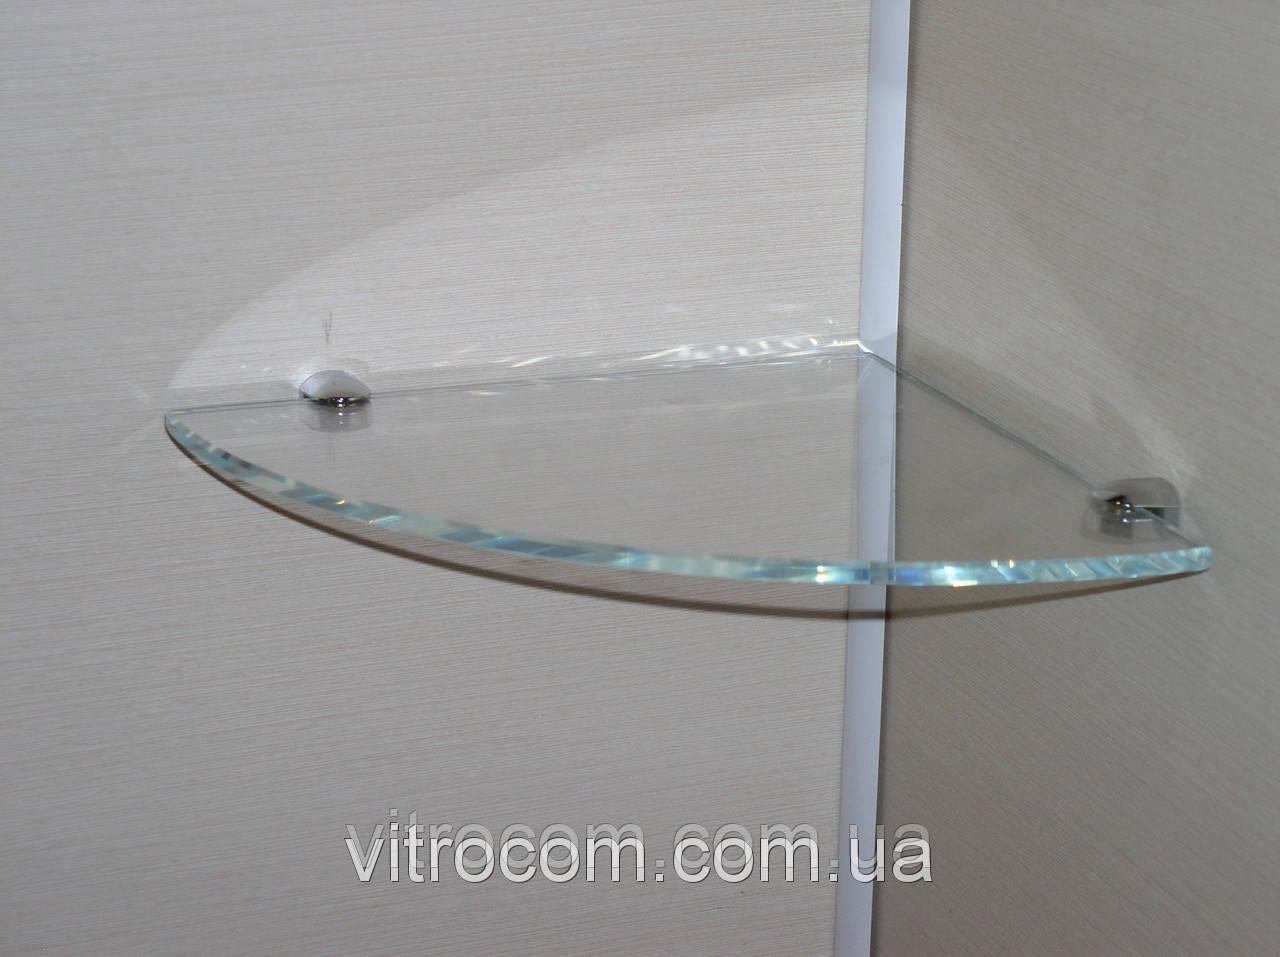 Полка стеклянная угловая 6 мм диамант 25 х 25 см